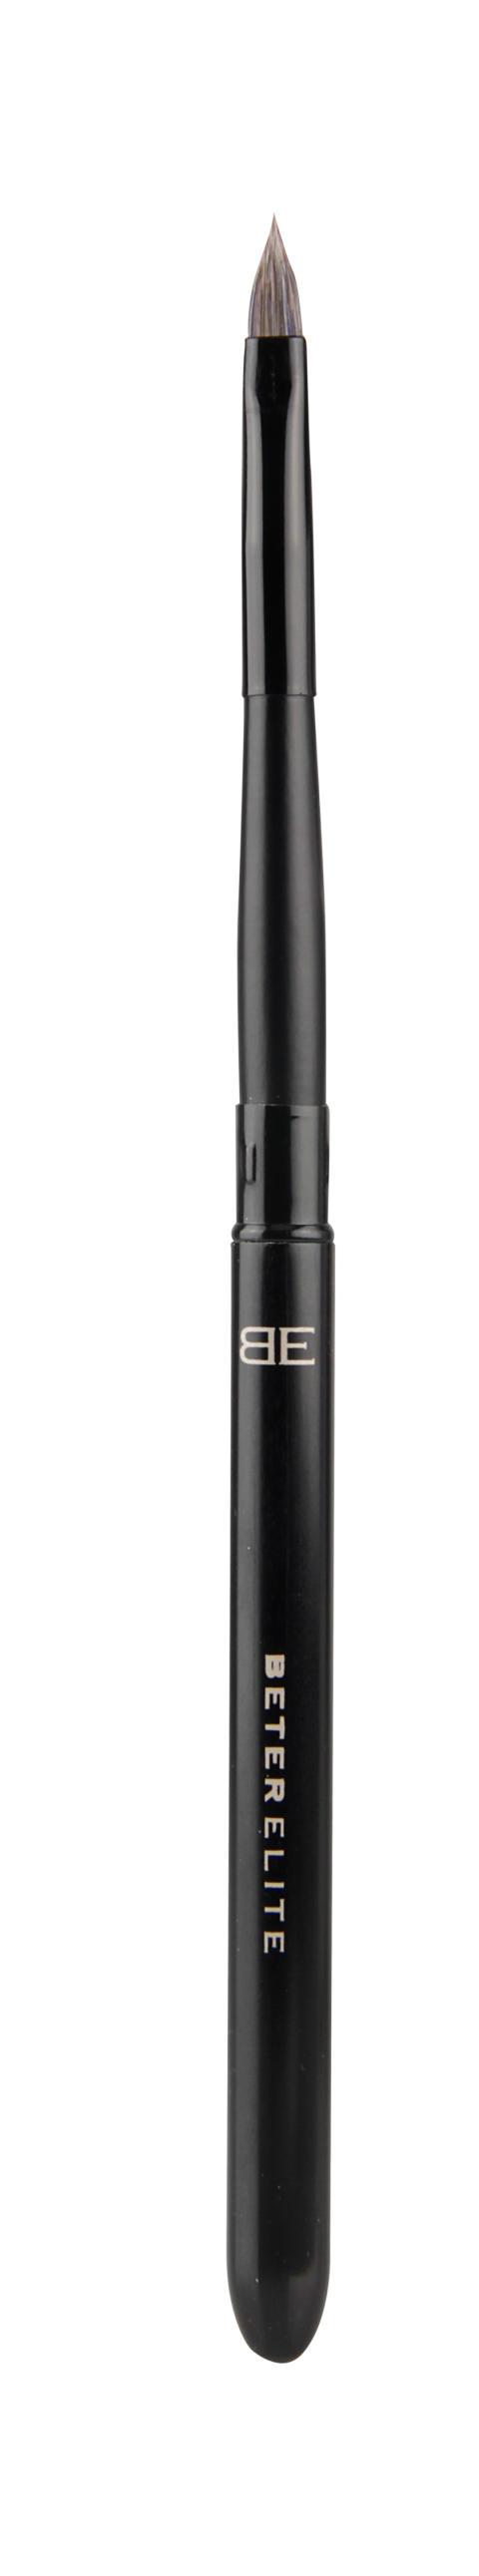 BE lip brush